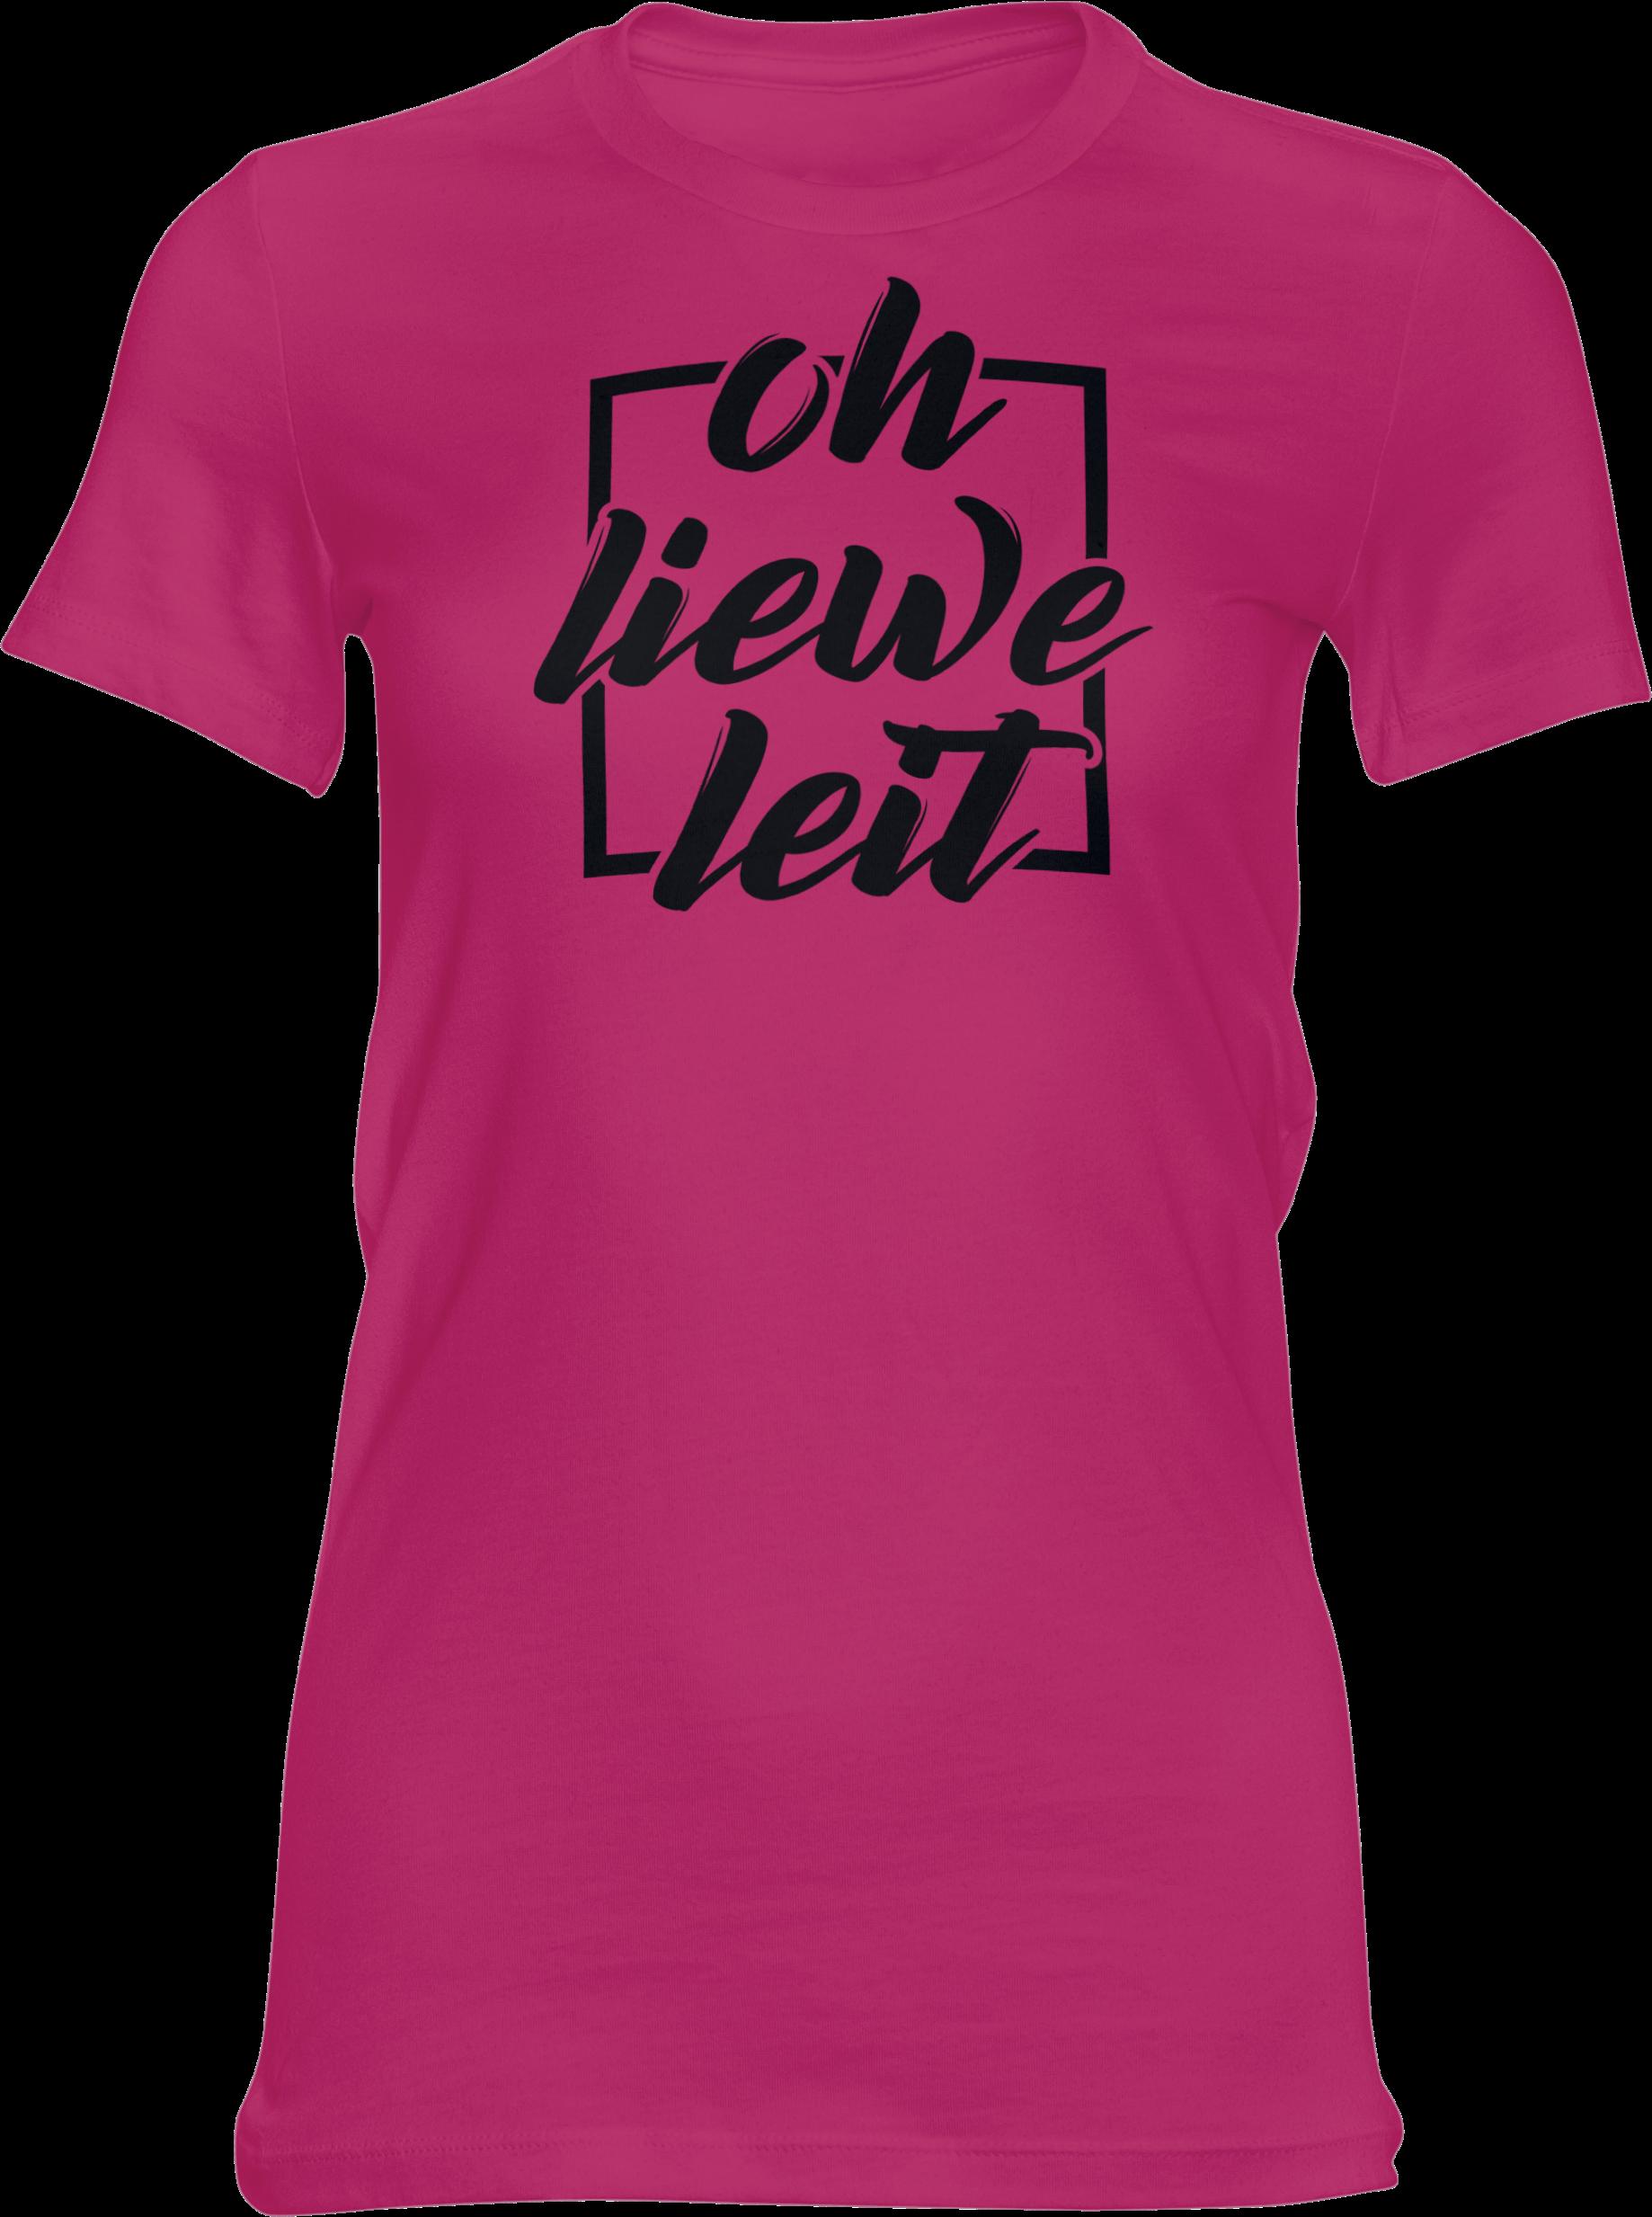 Motiv-Shirt – Oh liewe Leit – Girlie-Shirt (pink)